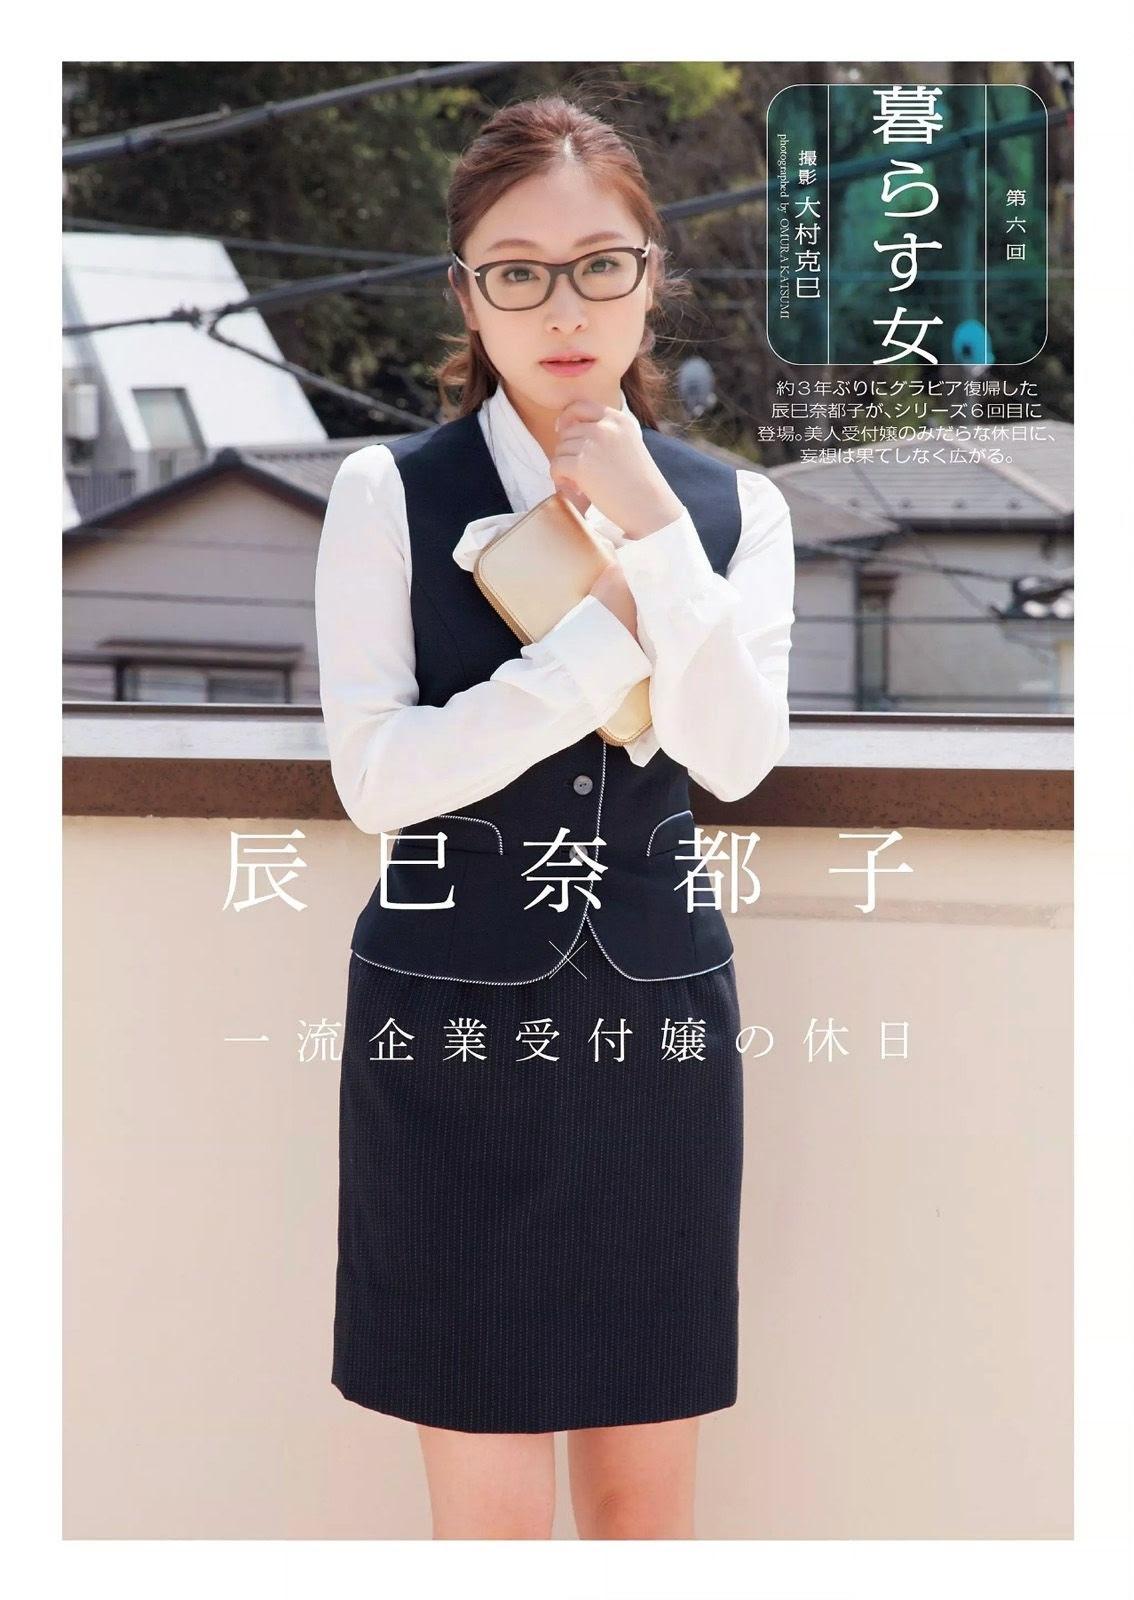 tatsumi_natsuko100.jpg